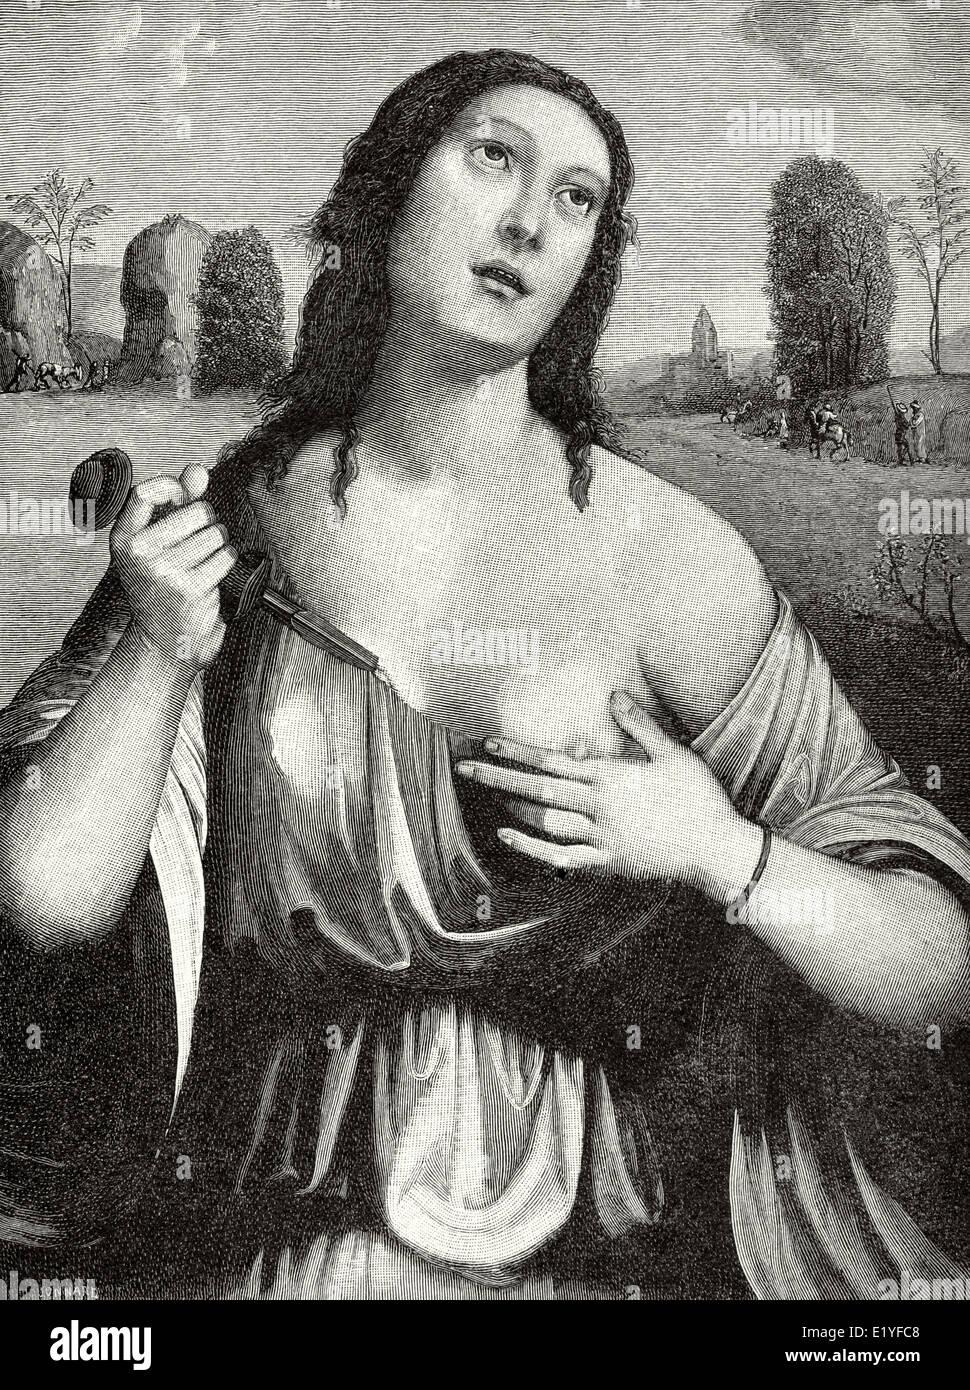 Lucretia. 510 v. Chr. starb. Halb-legendäre Abbildung. Römische Republik. Selbstmord. Kupferstich von Stockbild